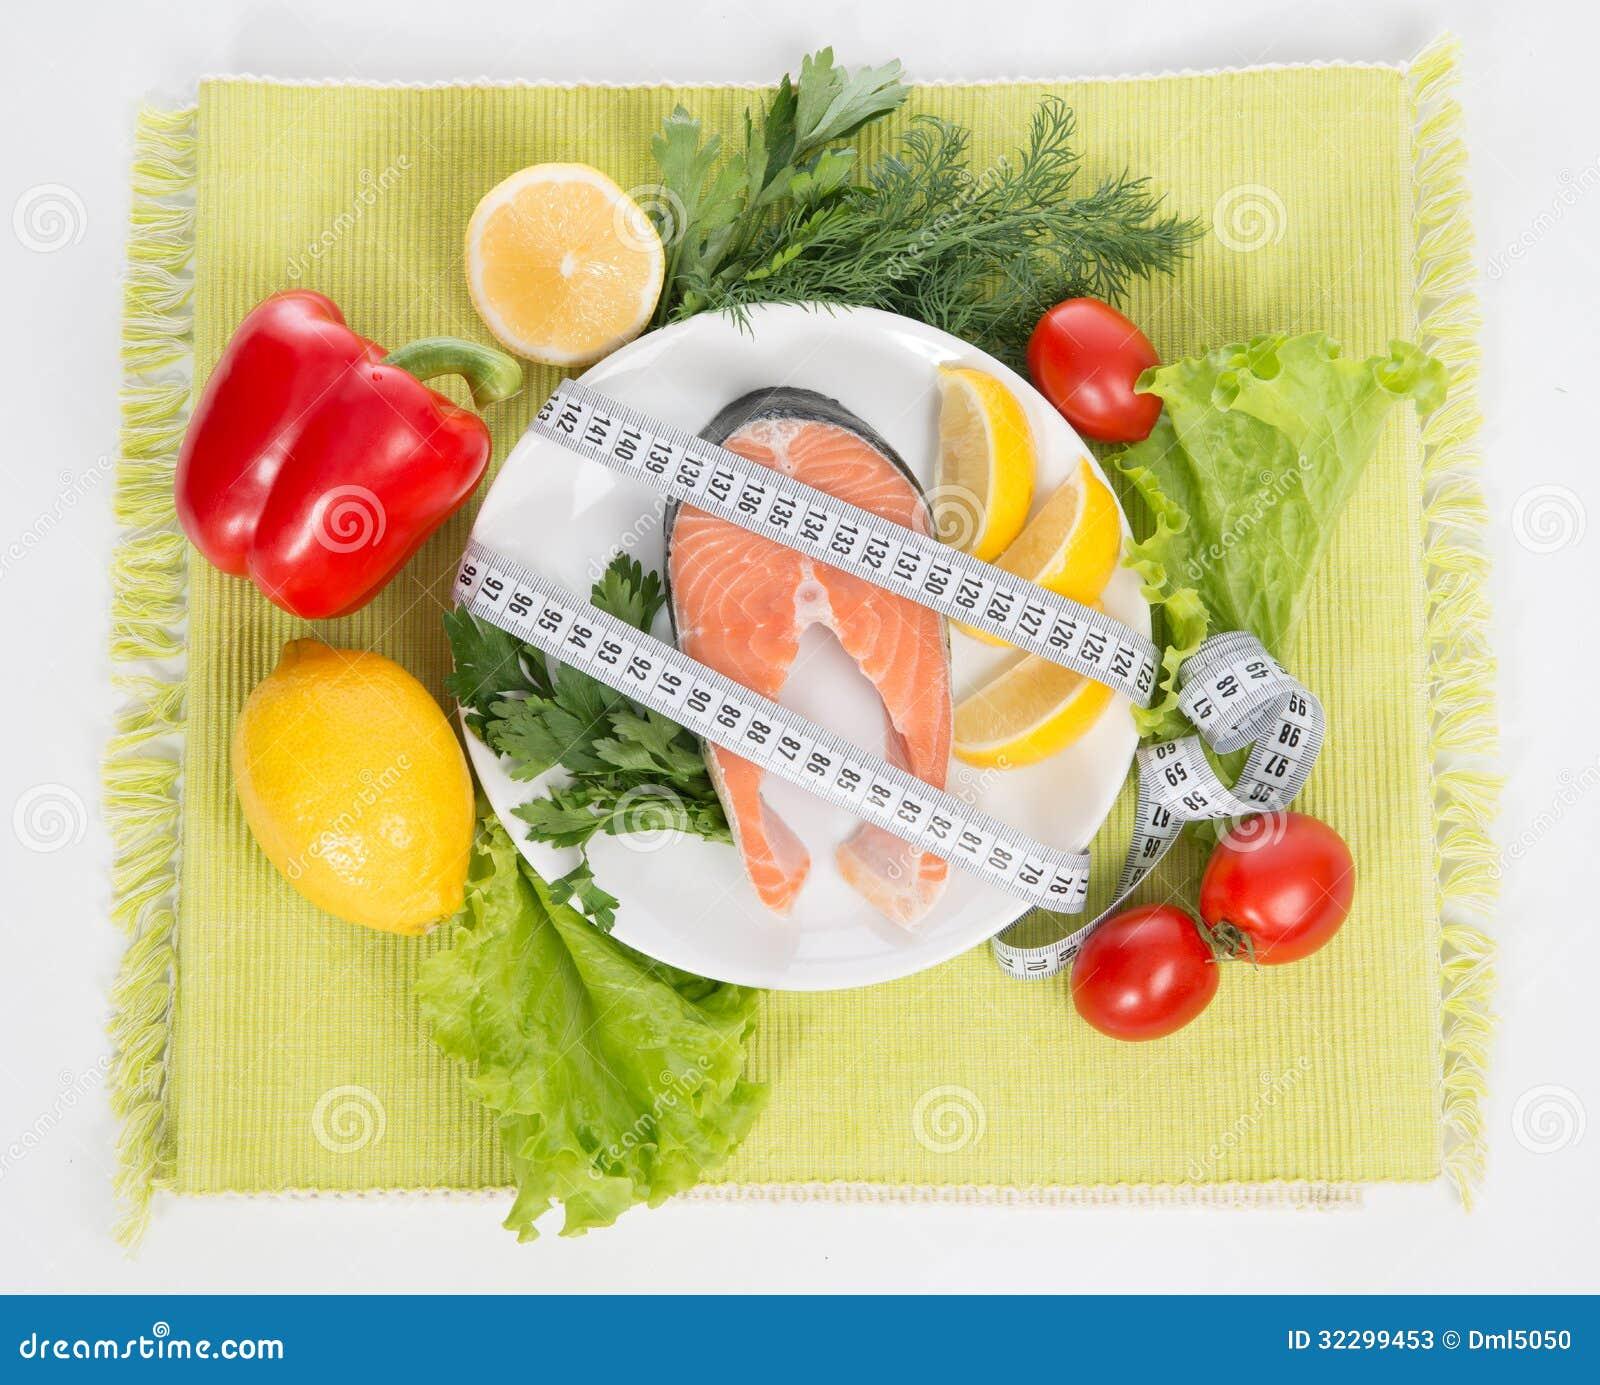 Retirar toda a gordura excessiva em